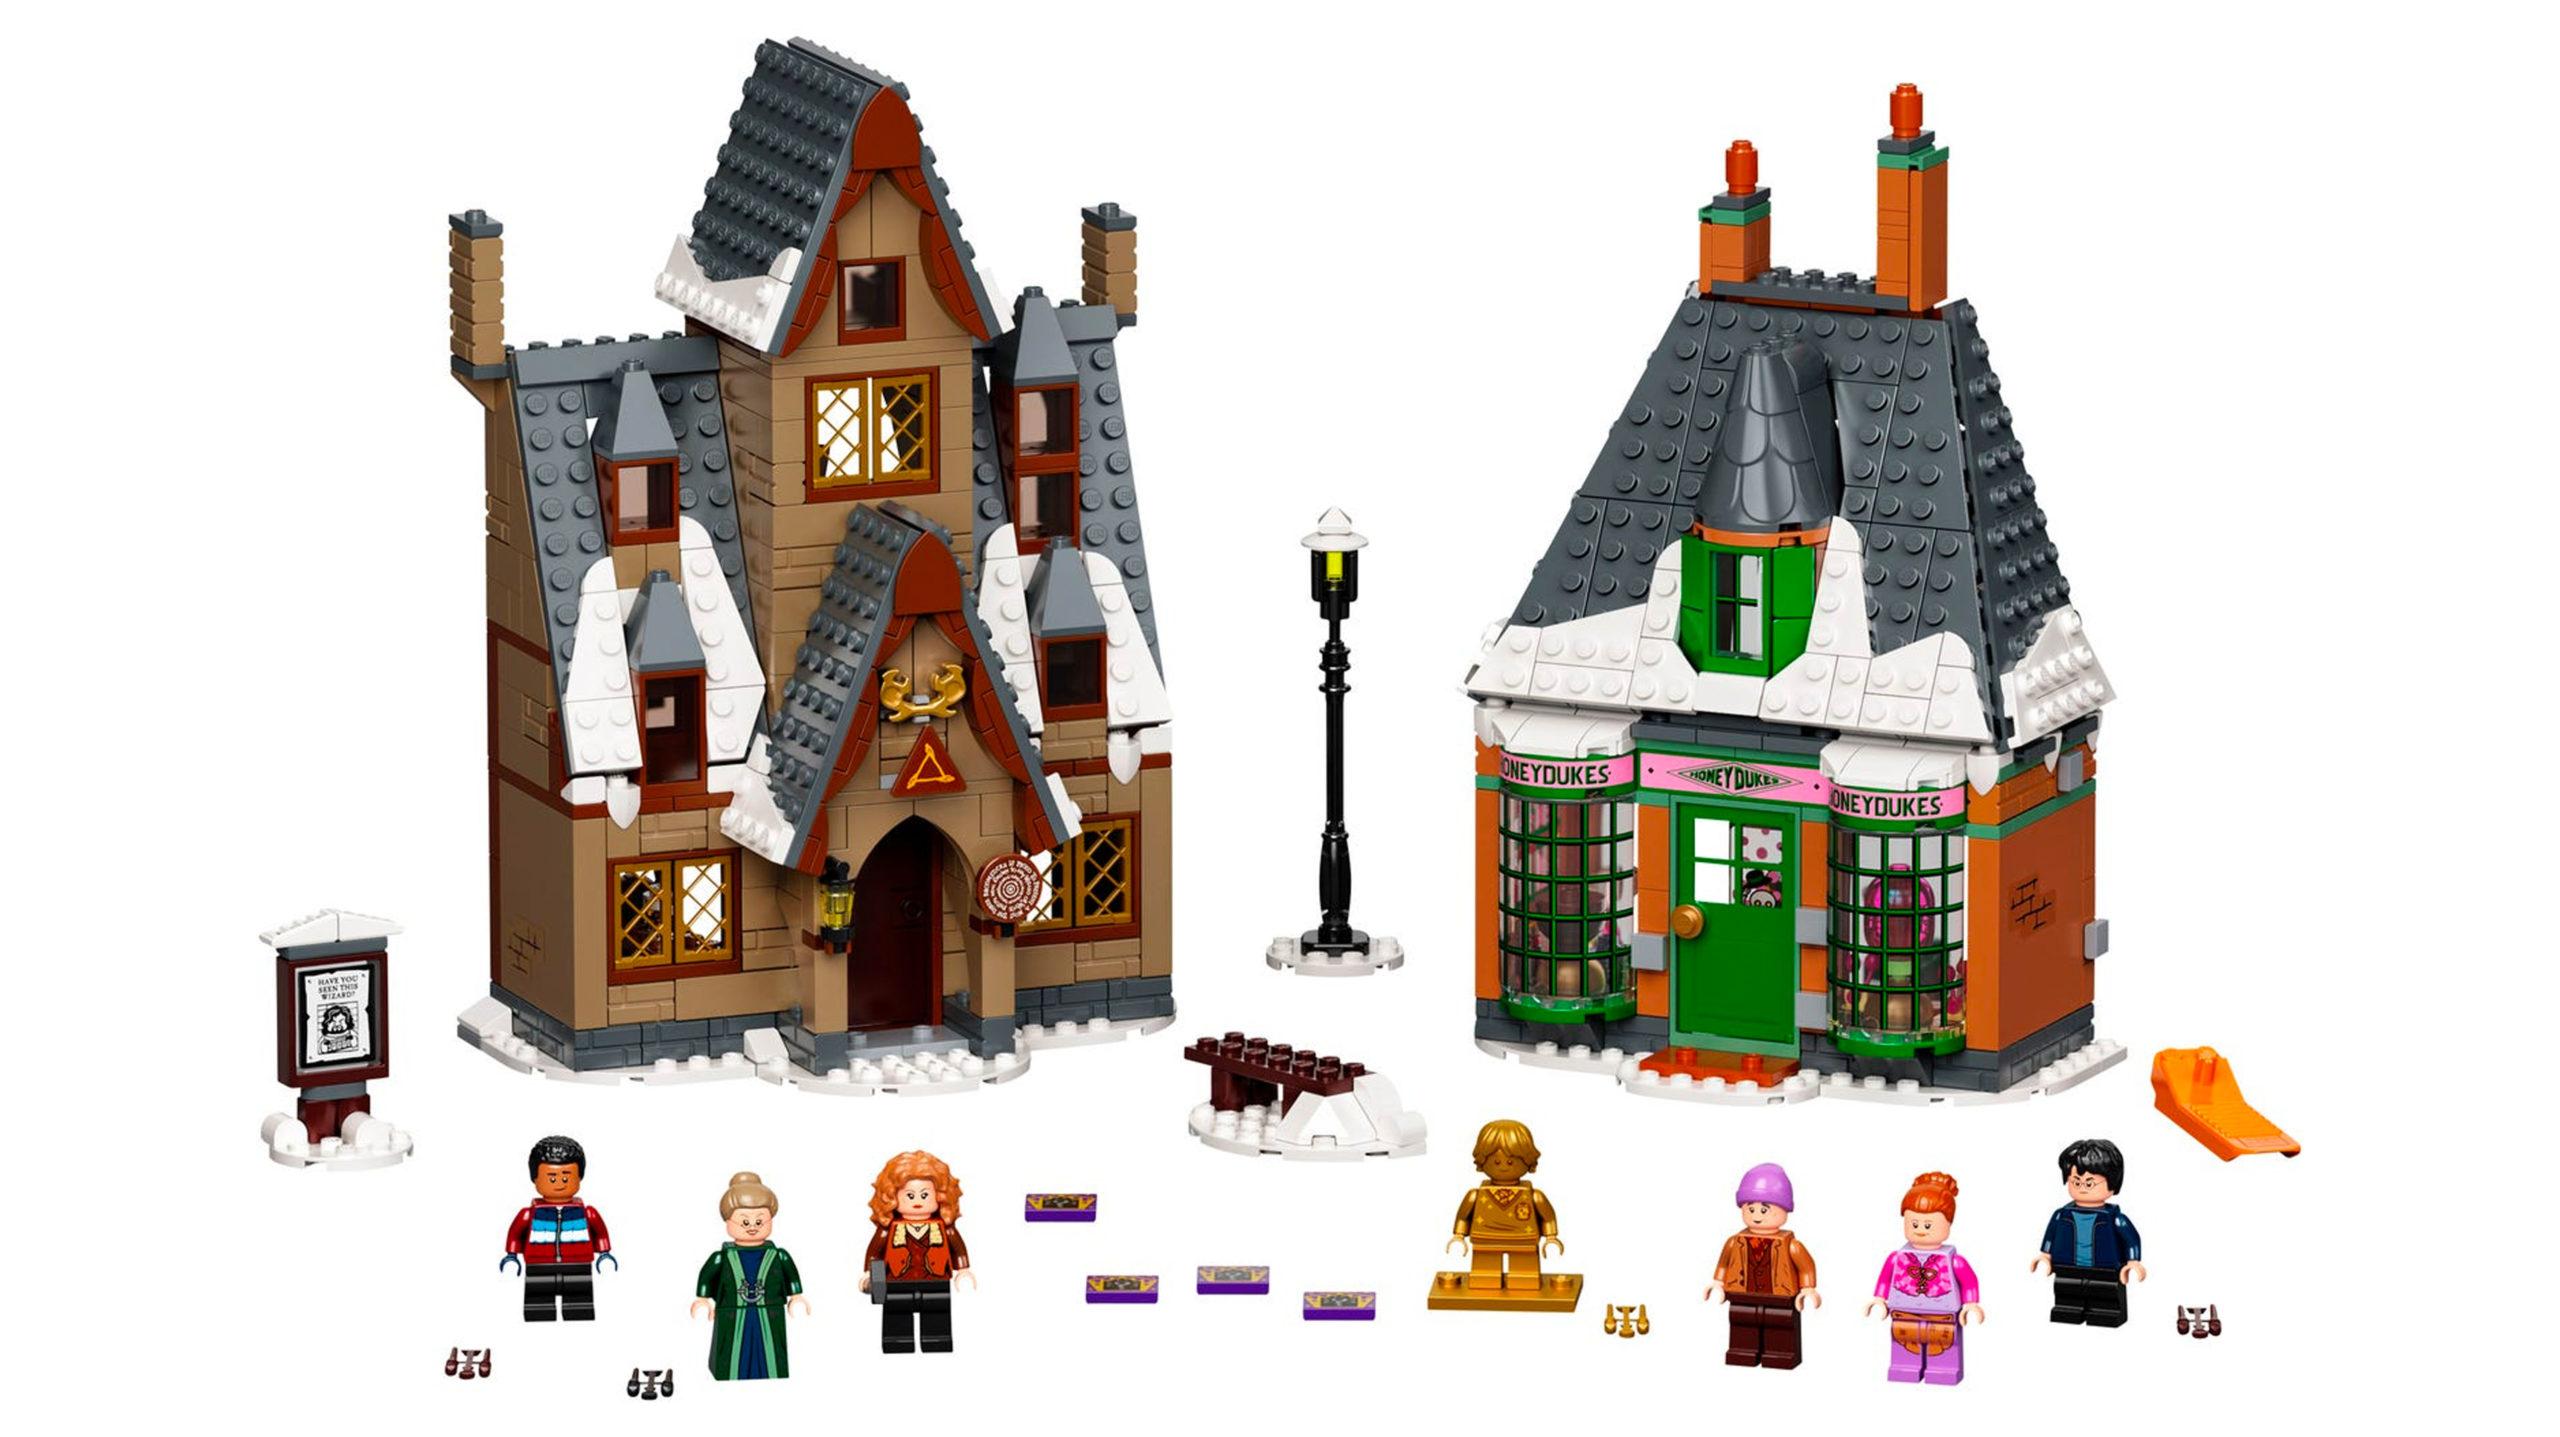 LEGO Hogsmeade